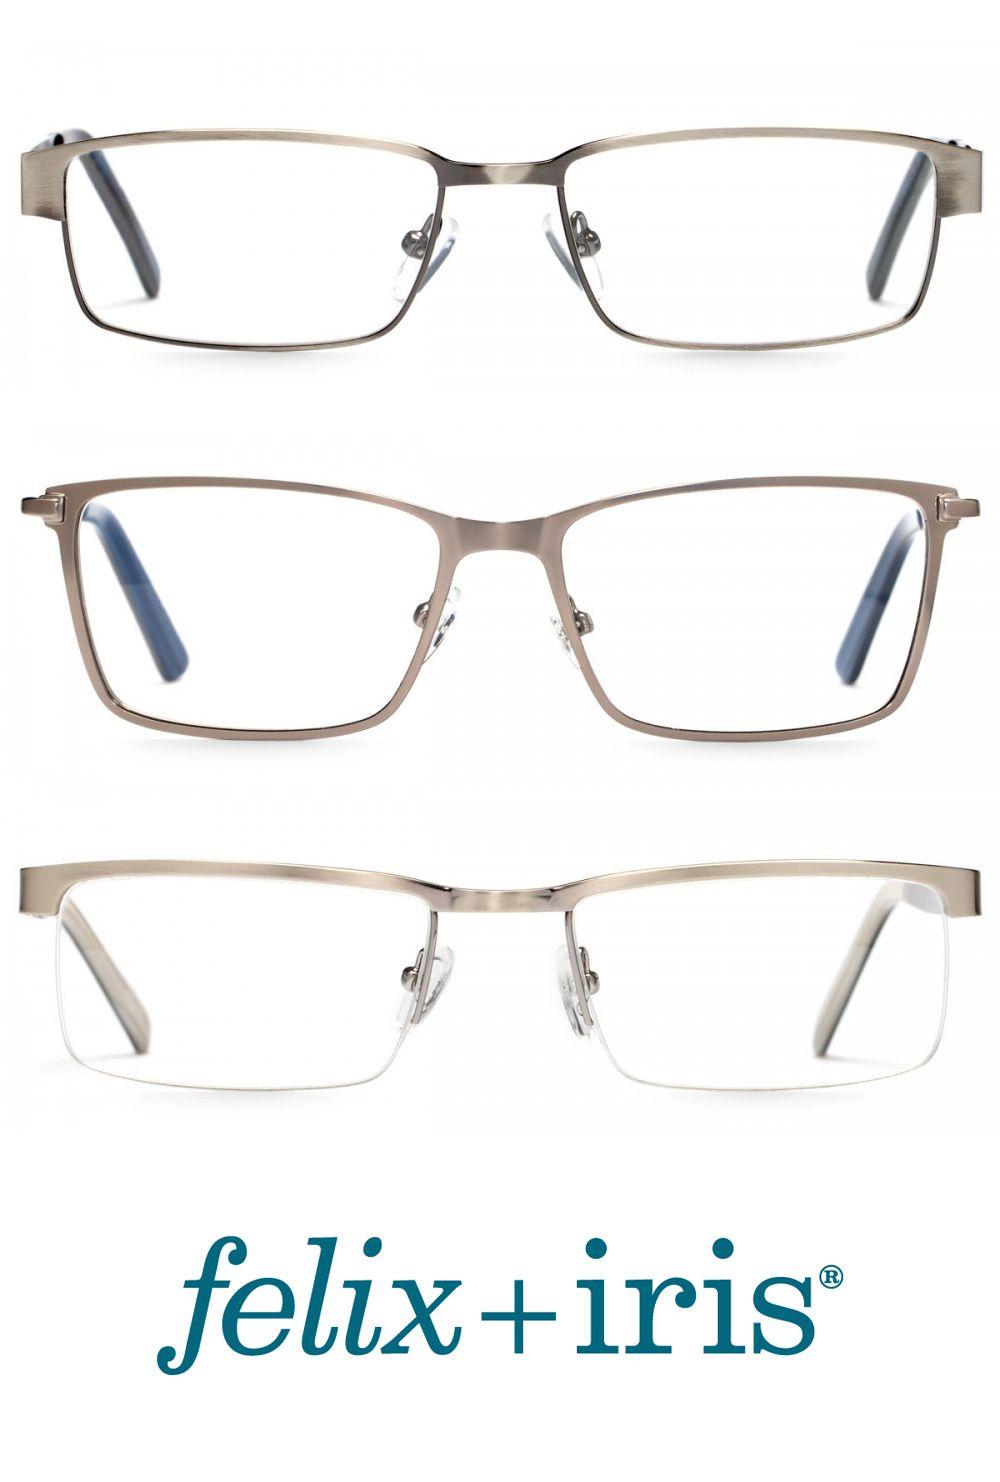 The Best Silver Metal Eyeglasses Frames For Men Or Women Felix Iris Glasses Eyeglass Frames For Men Vintage Eye Glasses Men Eyeglasses